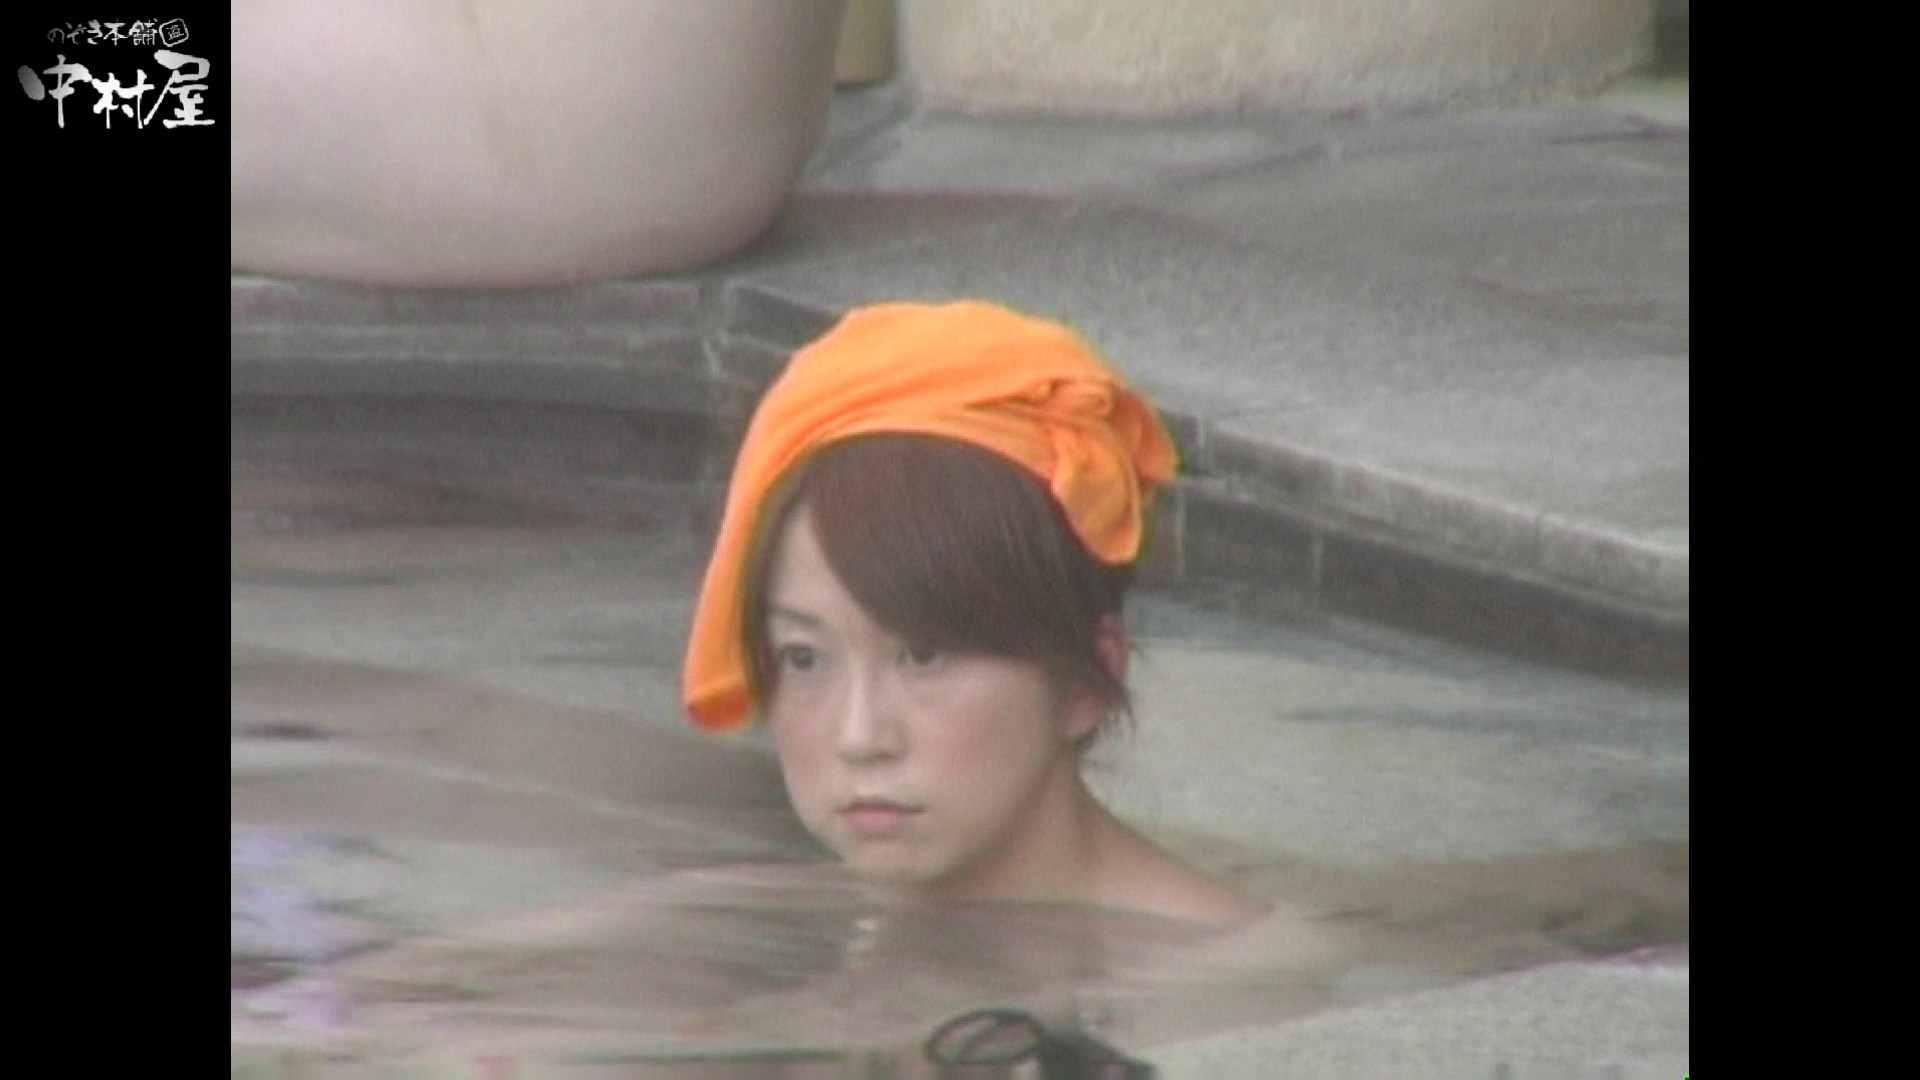 Aquaな露天風呂Vol.941 美しいOLの裸体 アダルト動画キャプチャ 76pic 32